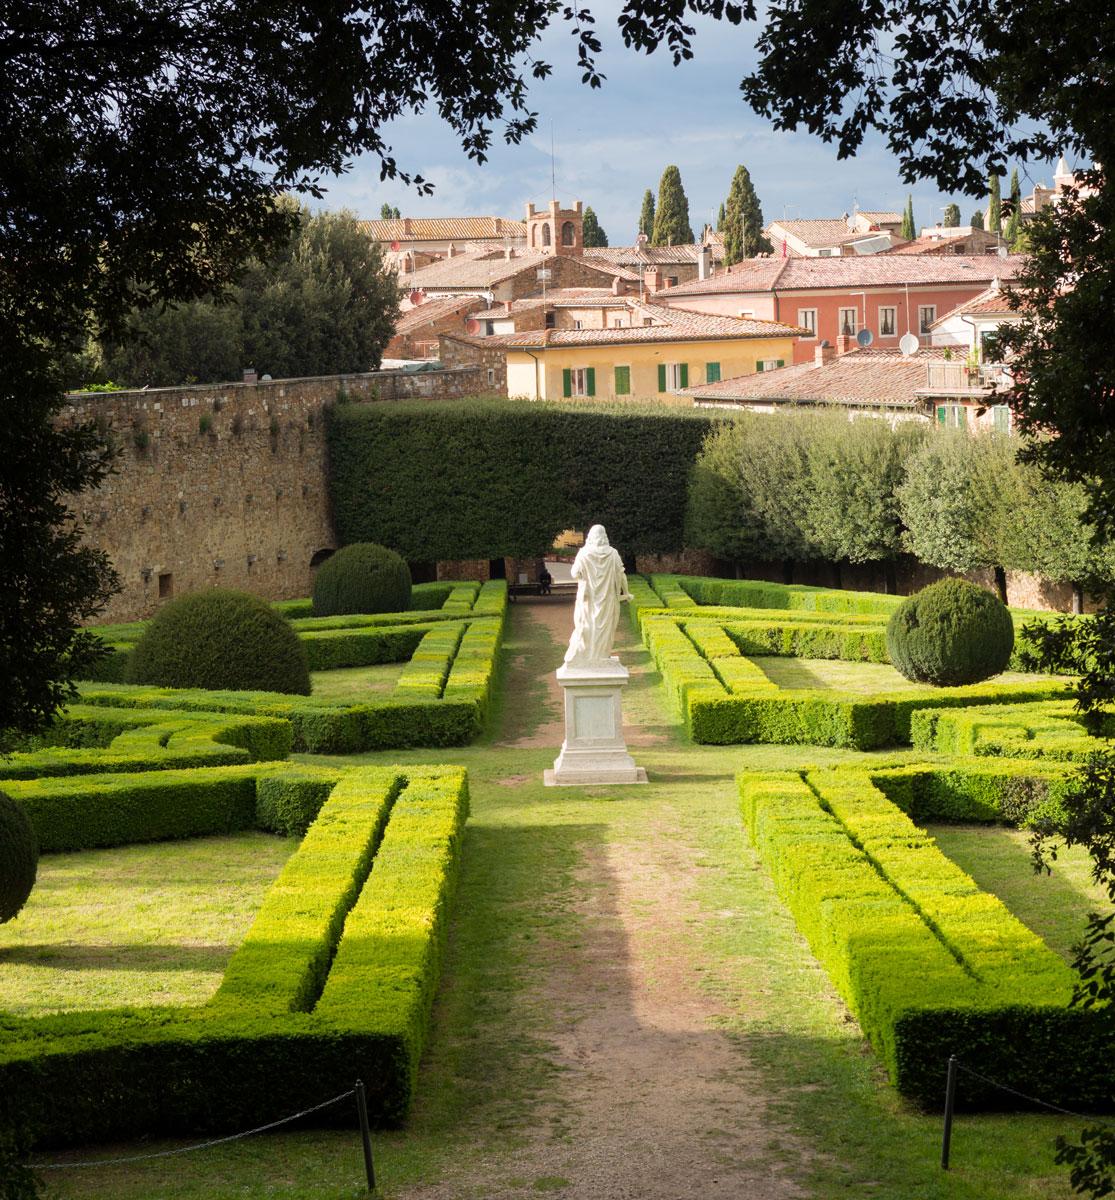 Rassegna d'arte contemporanea, horti leonini san Quirico d'orcia, hprti leonini, giardino del cinquecento